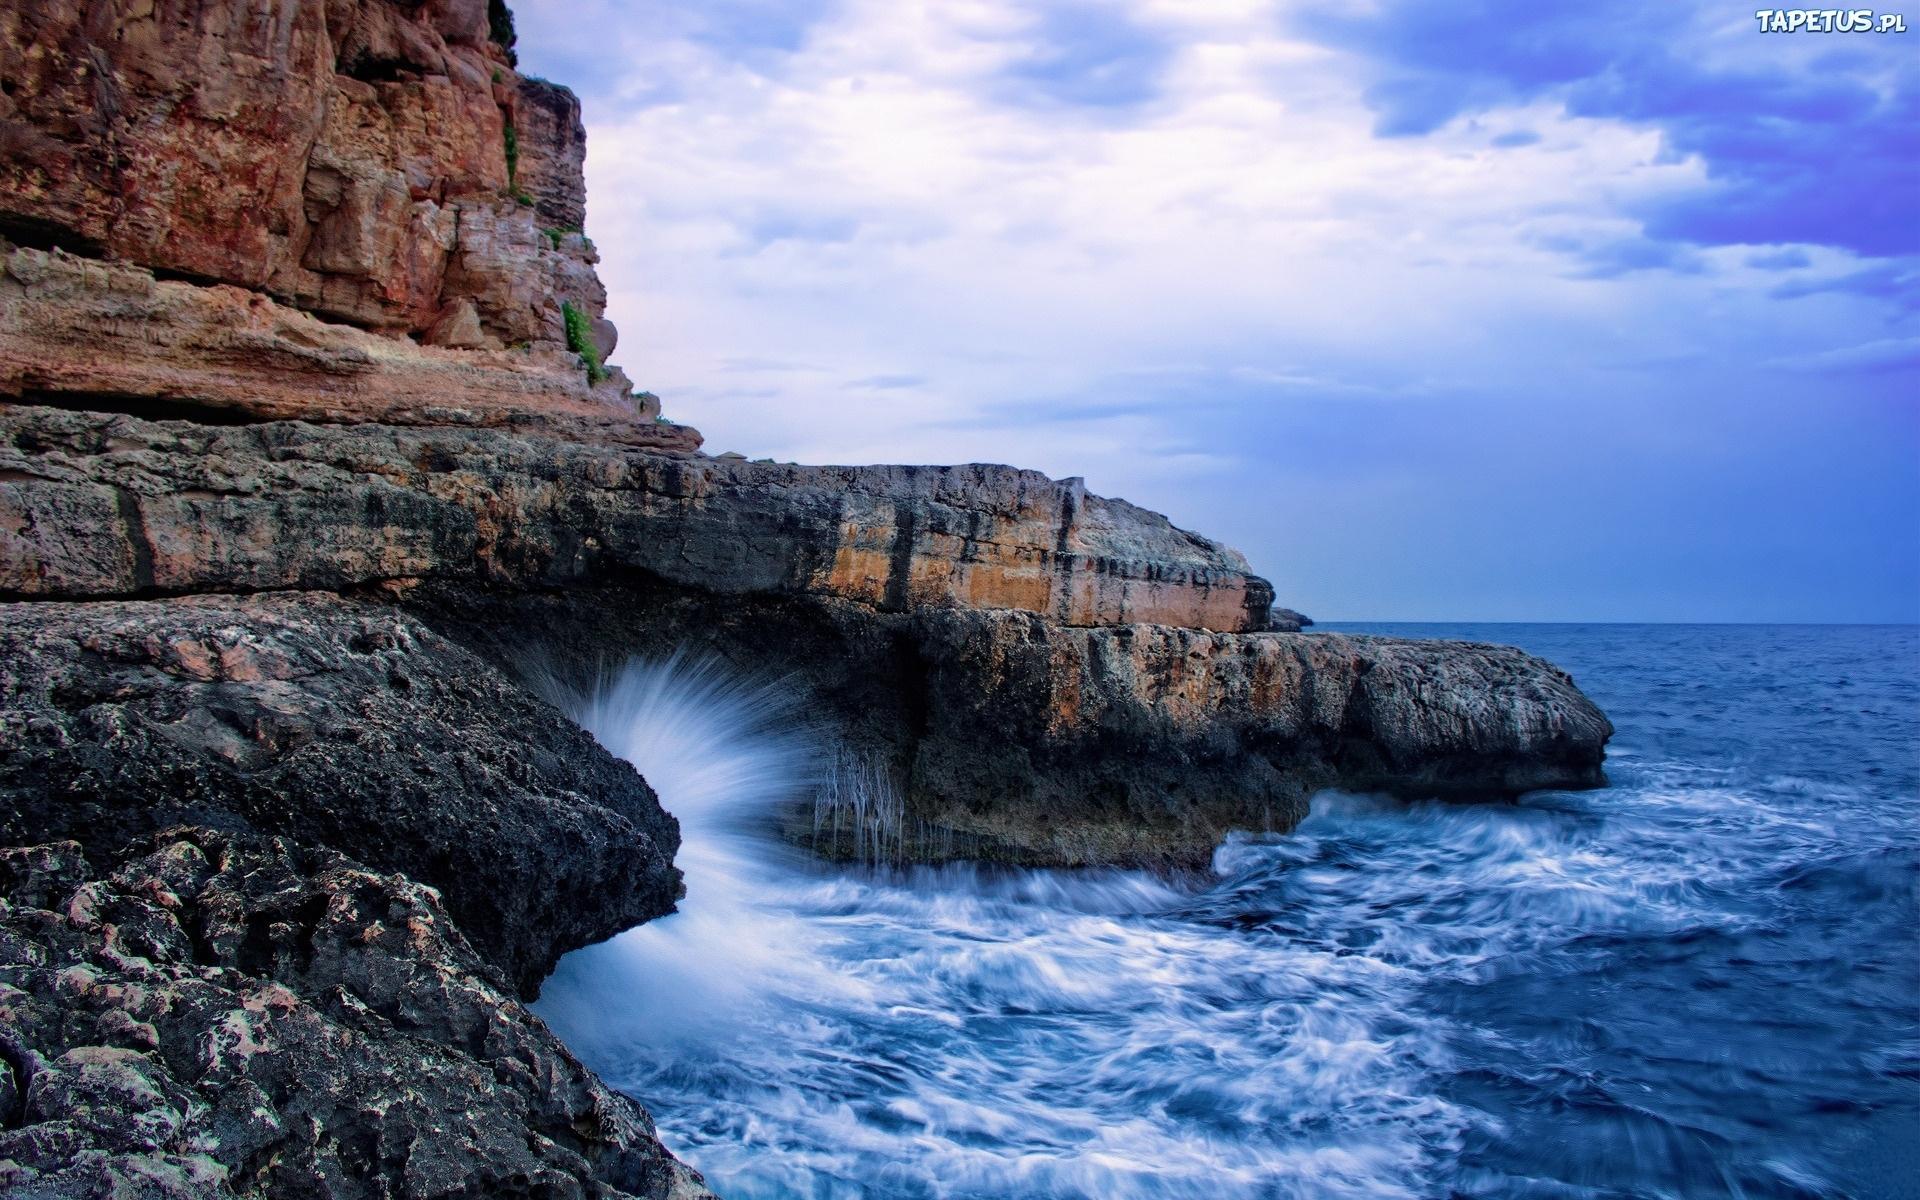 скала берег волны  № 2501520 загрузить